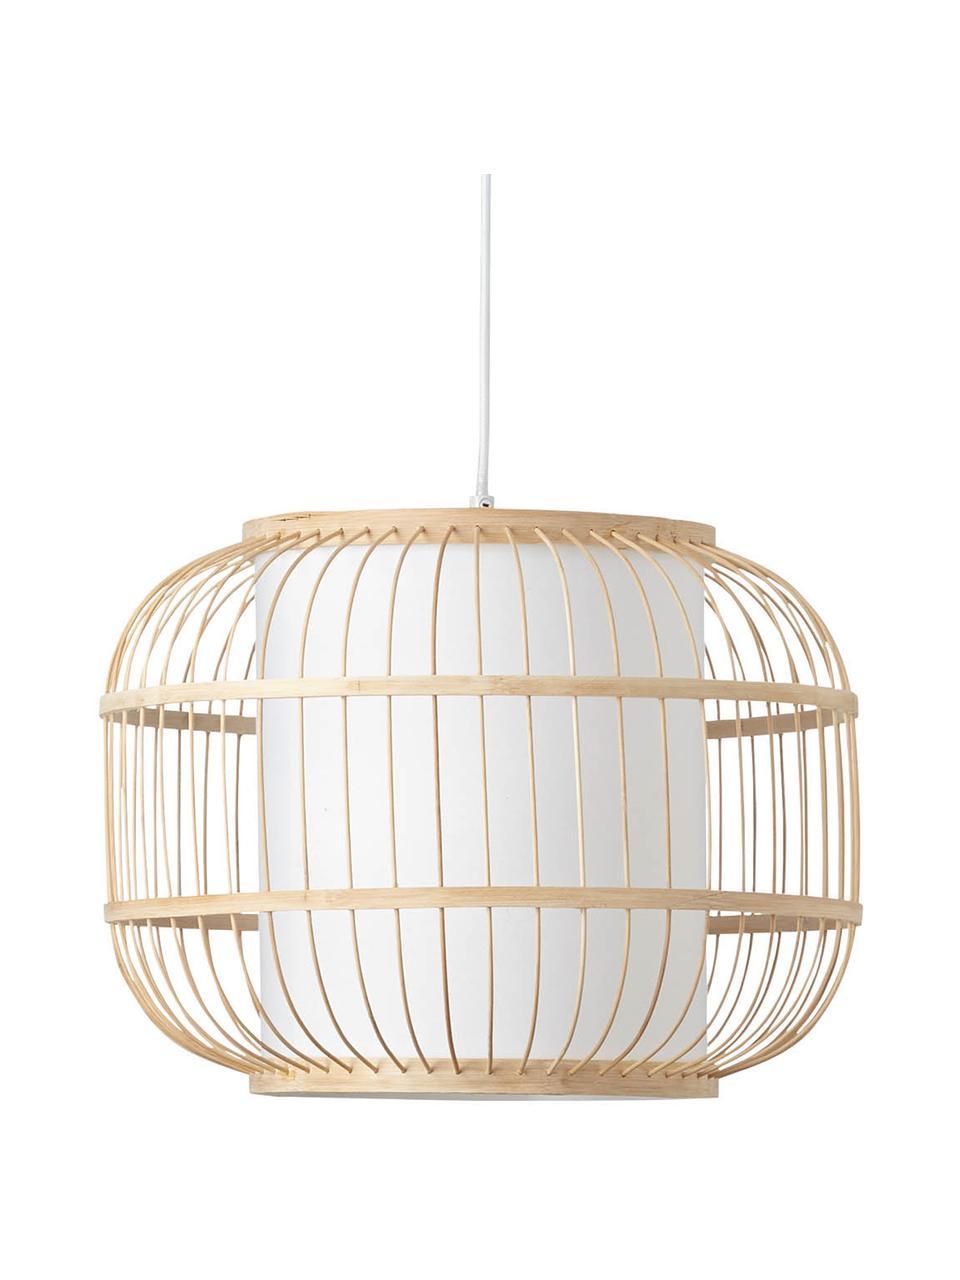 Lampada a sospensione in bambù Bones, Paralume: bambù, Baldacchino: metallo rivestito, Marrone chiaro, bianco, Ø 40 x Alt. 30 cm